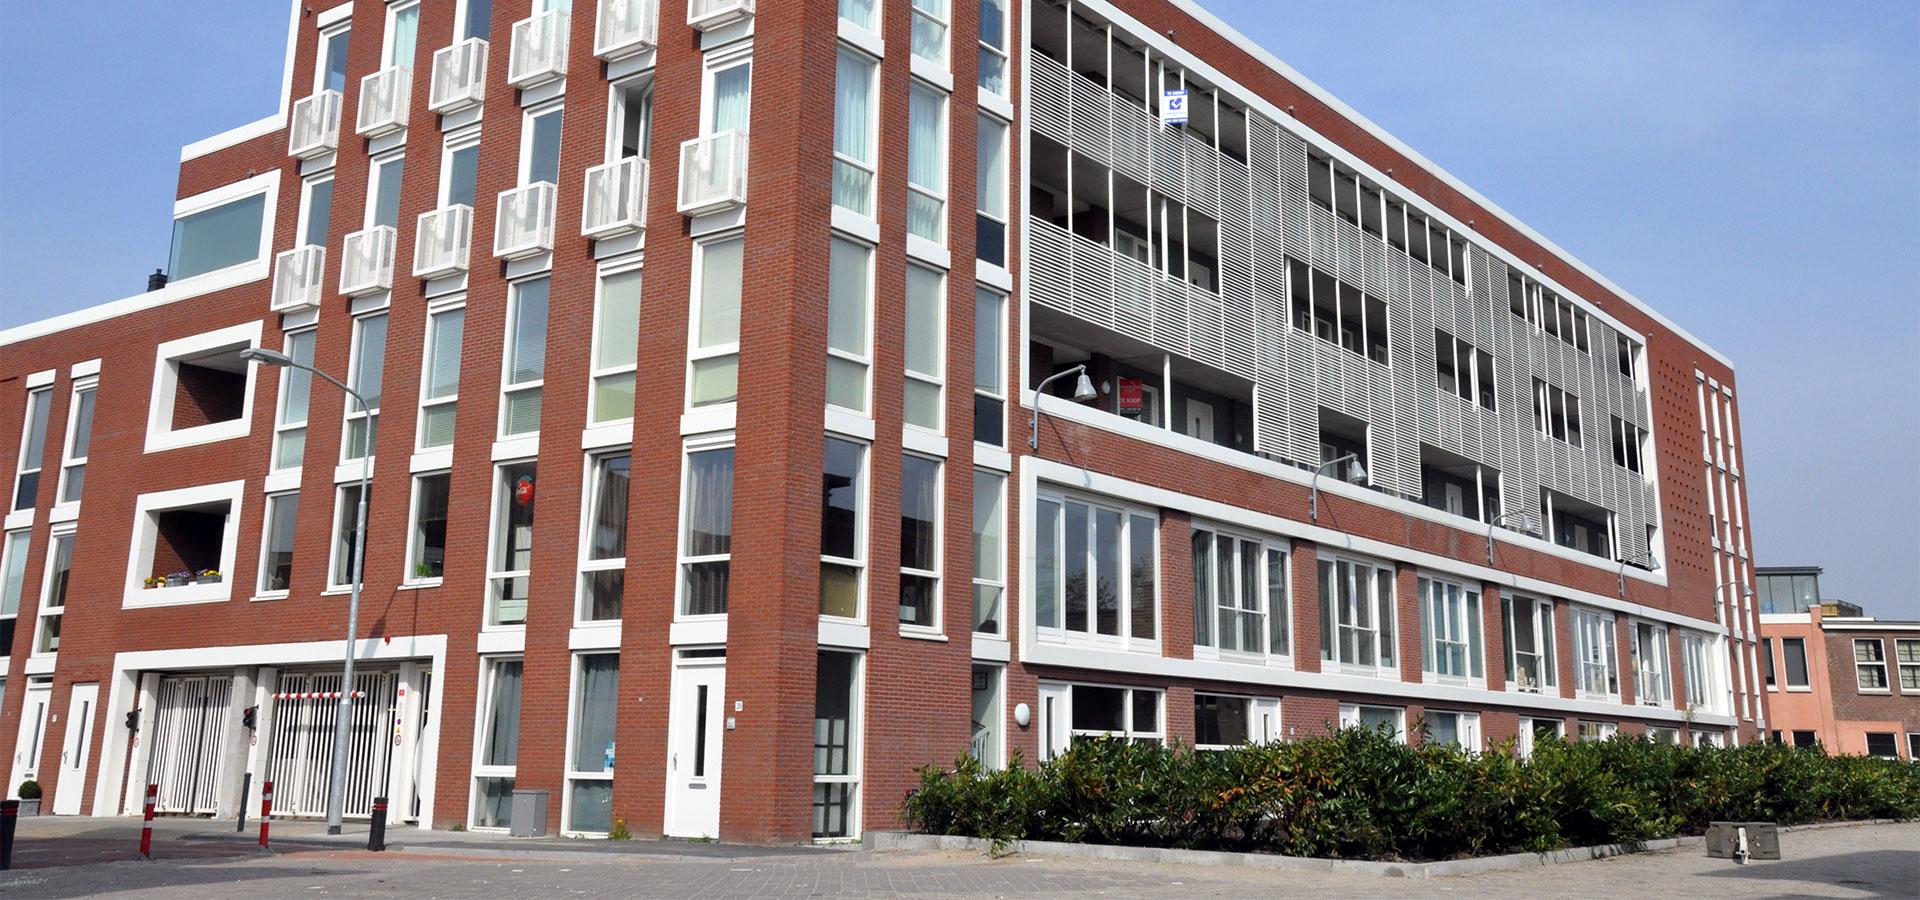 FARO architecten Drosteterrein Haarlem 02